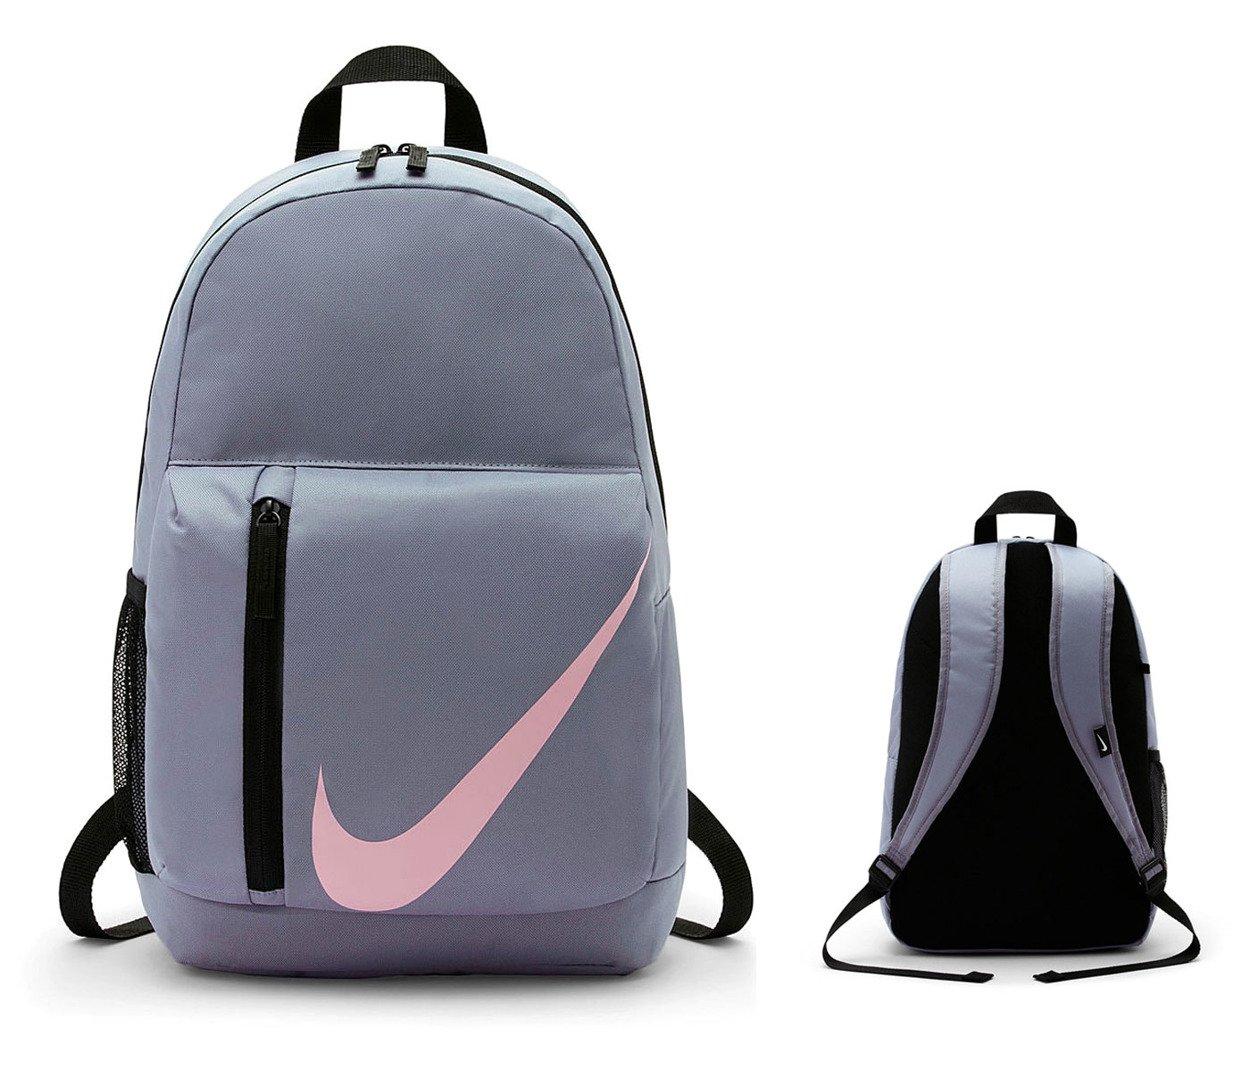 ac573b5d863c3 Plecak Nike Elemental Backpack BA5405-445 Kliknij, aby powiększyć ...